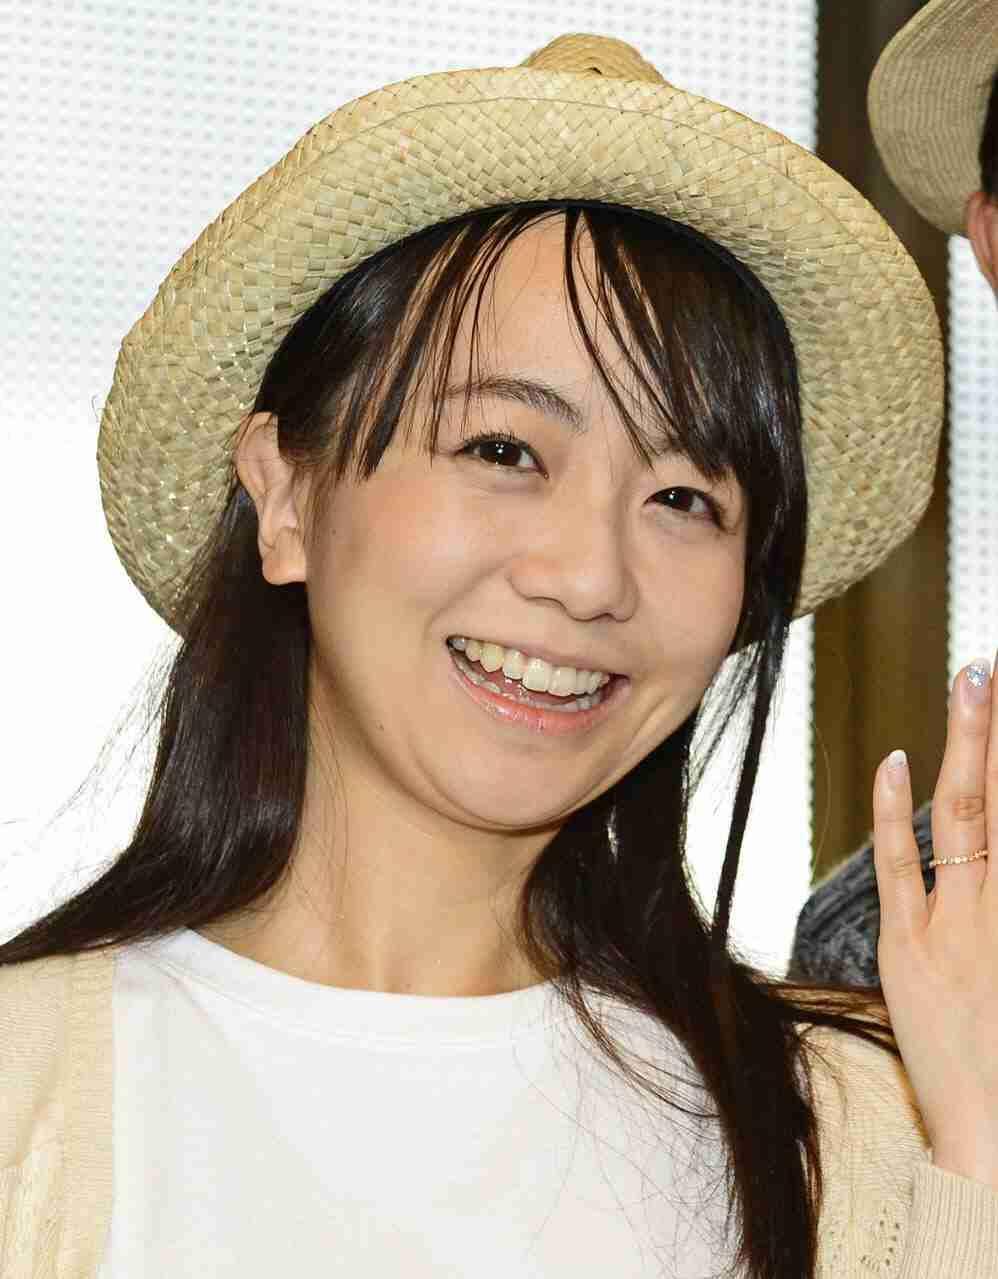 福田萌、夫婦でGPS監視!「私たちは最先端夫婦」と持論を展開